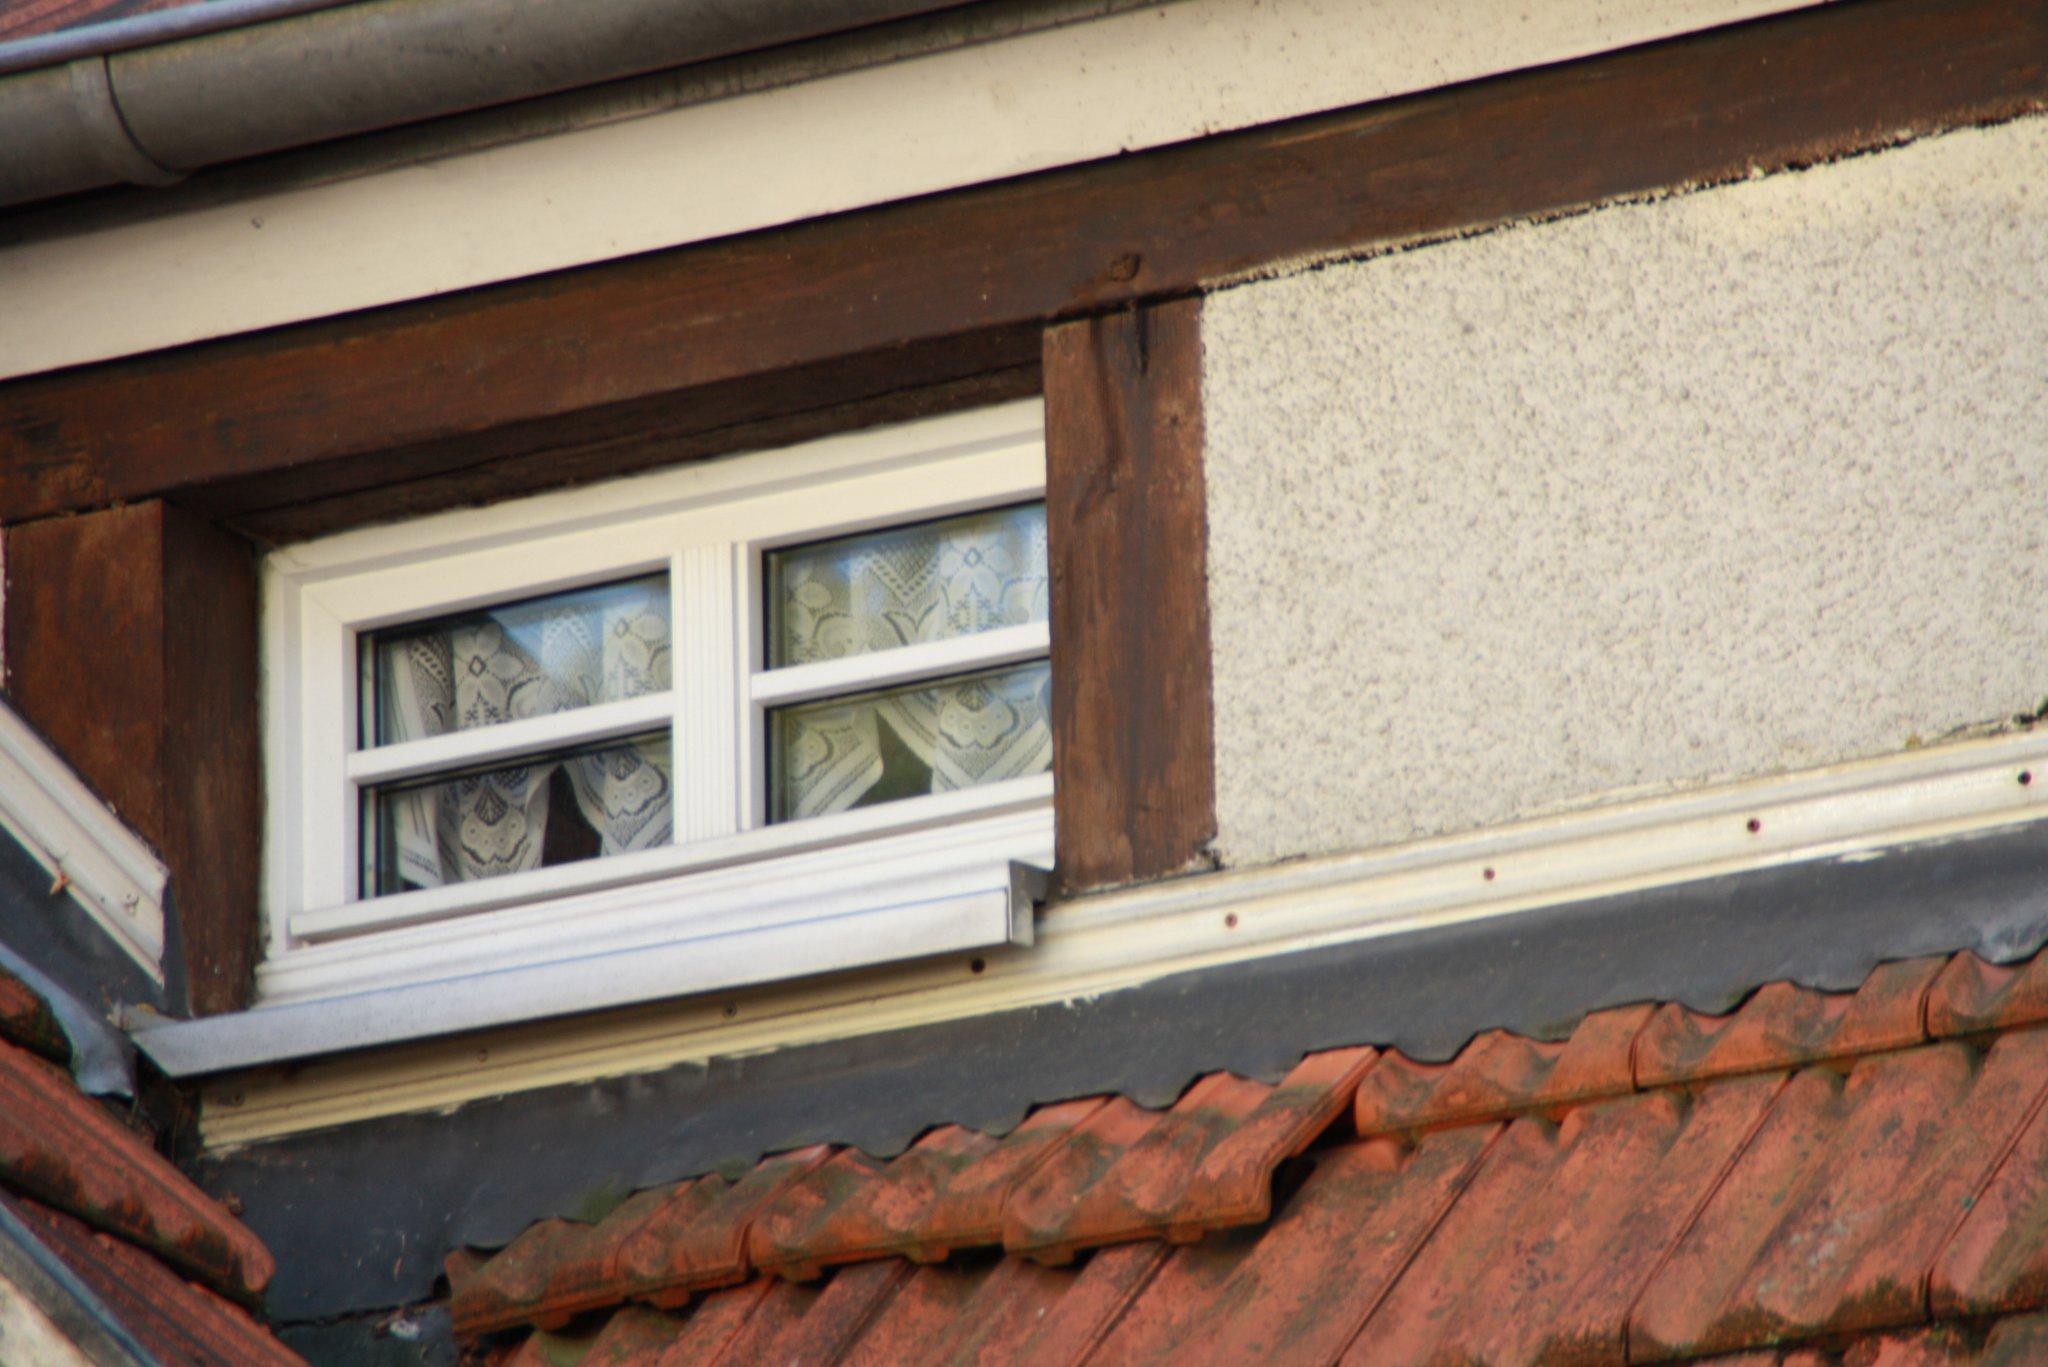 Full Size of Fenster Herne 700865html Einbruchschutz Fliegengitter Für Insektenschutz Winkhaus Polen Runde Weihnachtsbeleuchtung Einbruchsicherung Einbruchschutzfolie Fenster Fenster Herne